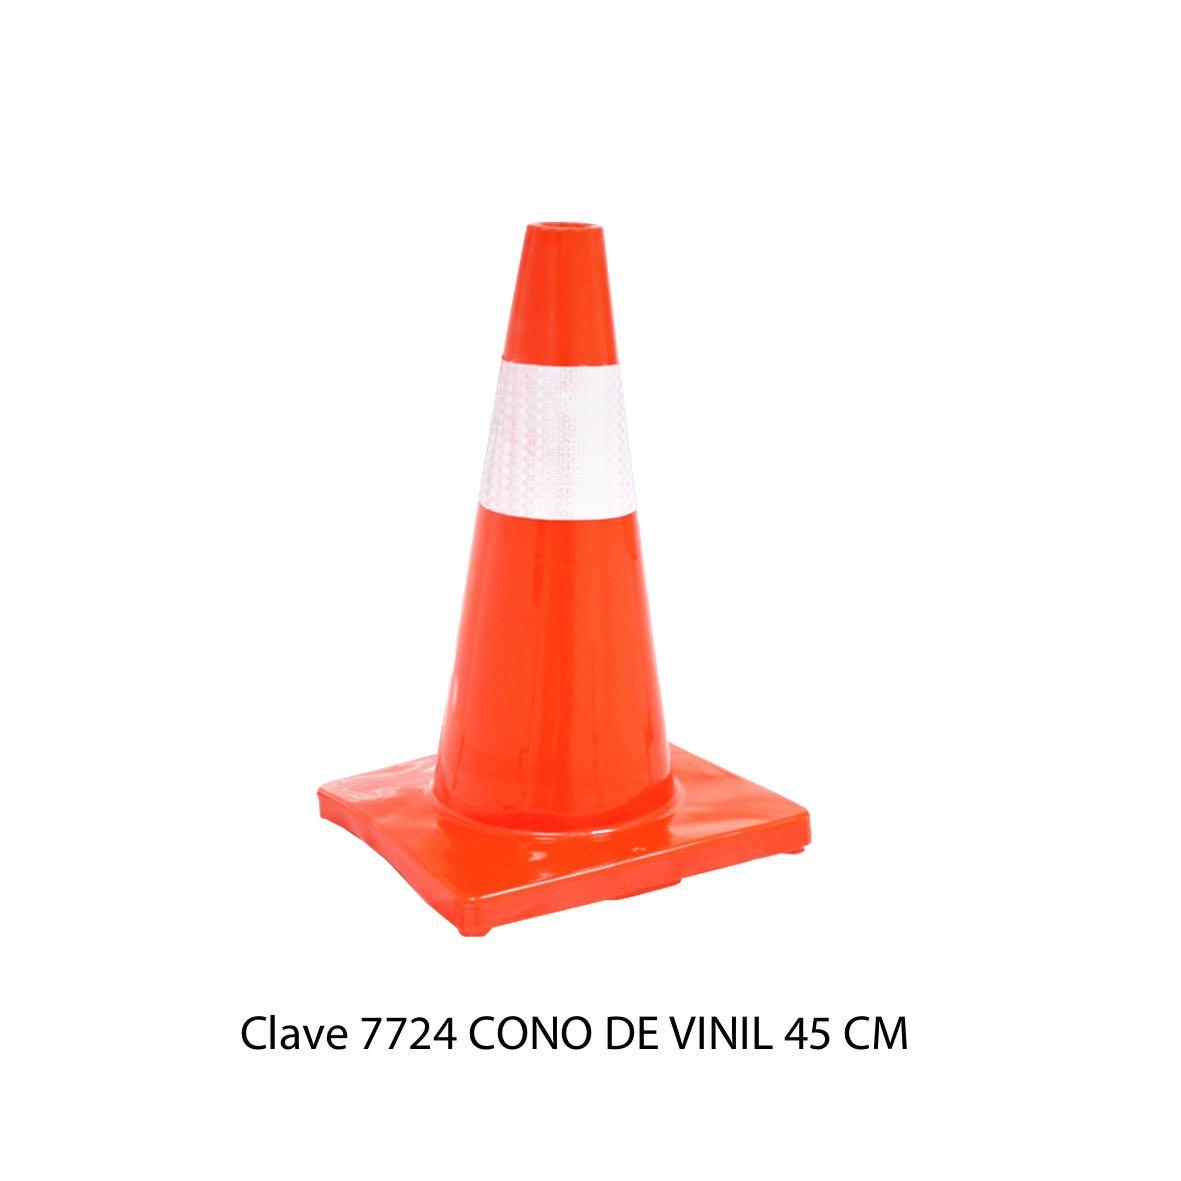 Cono de Vinil de 45 cm Modelo 7724 - Sablón